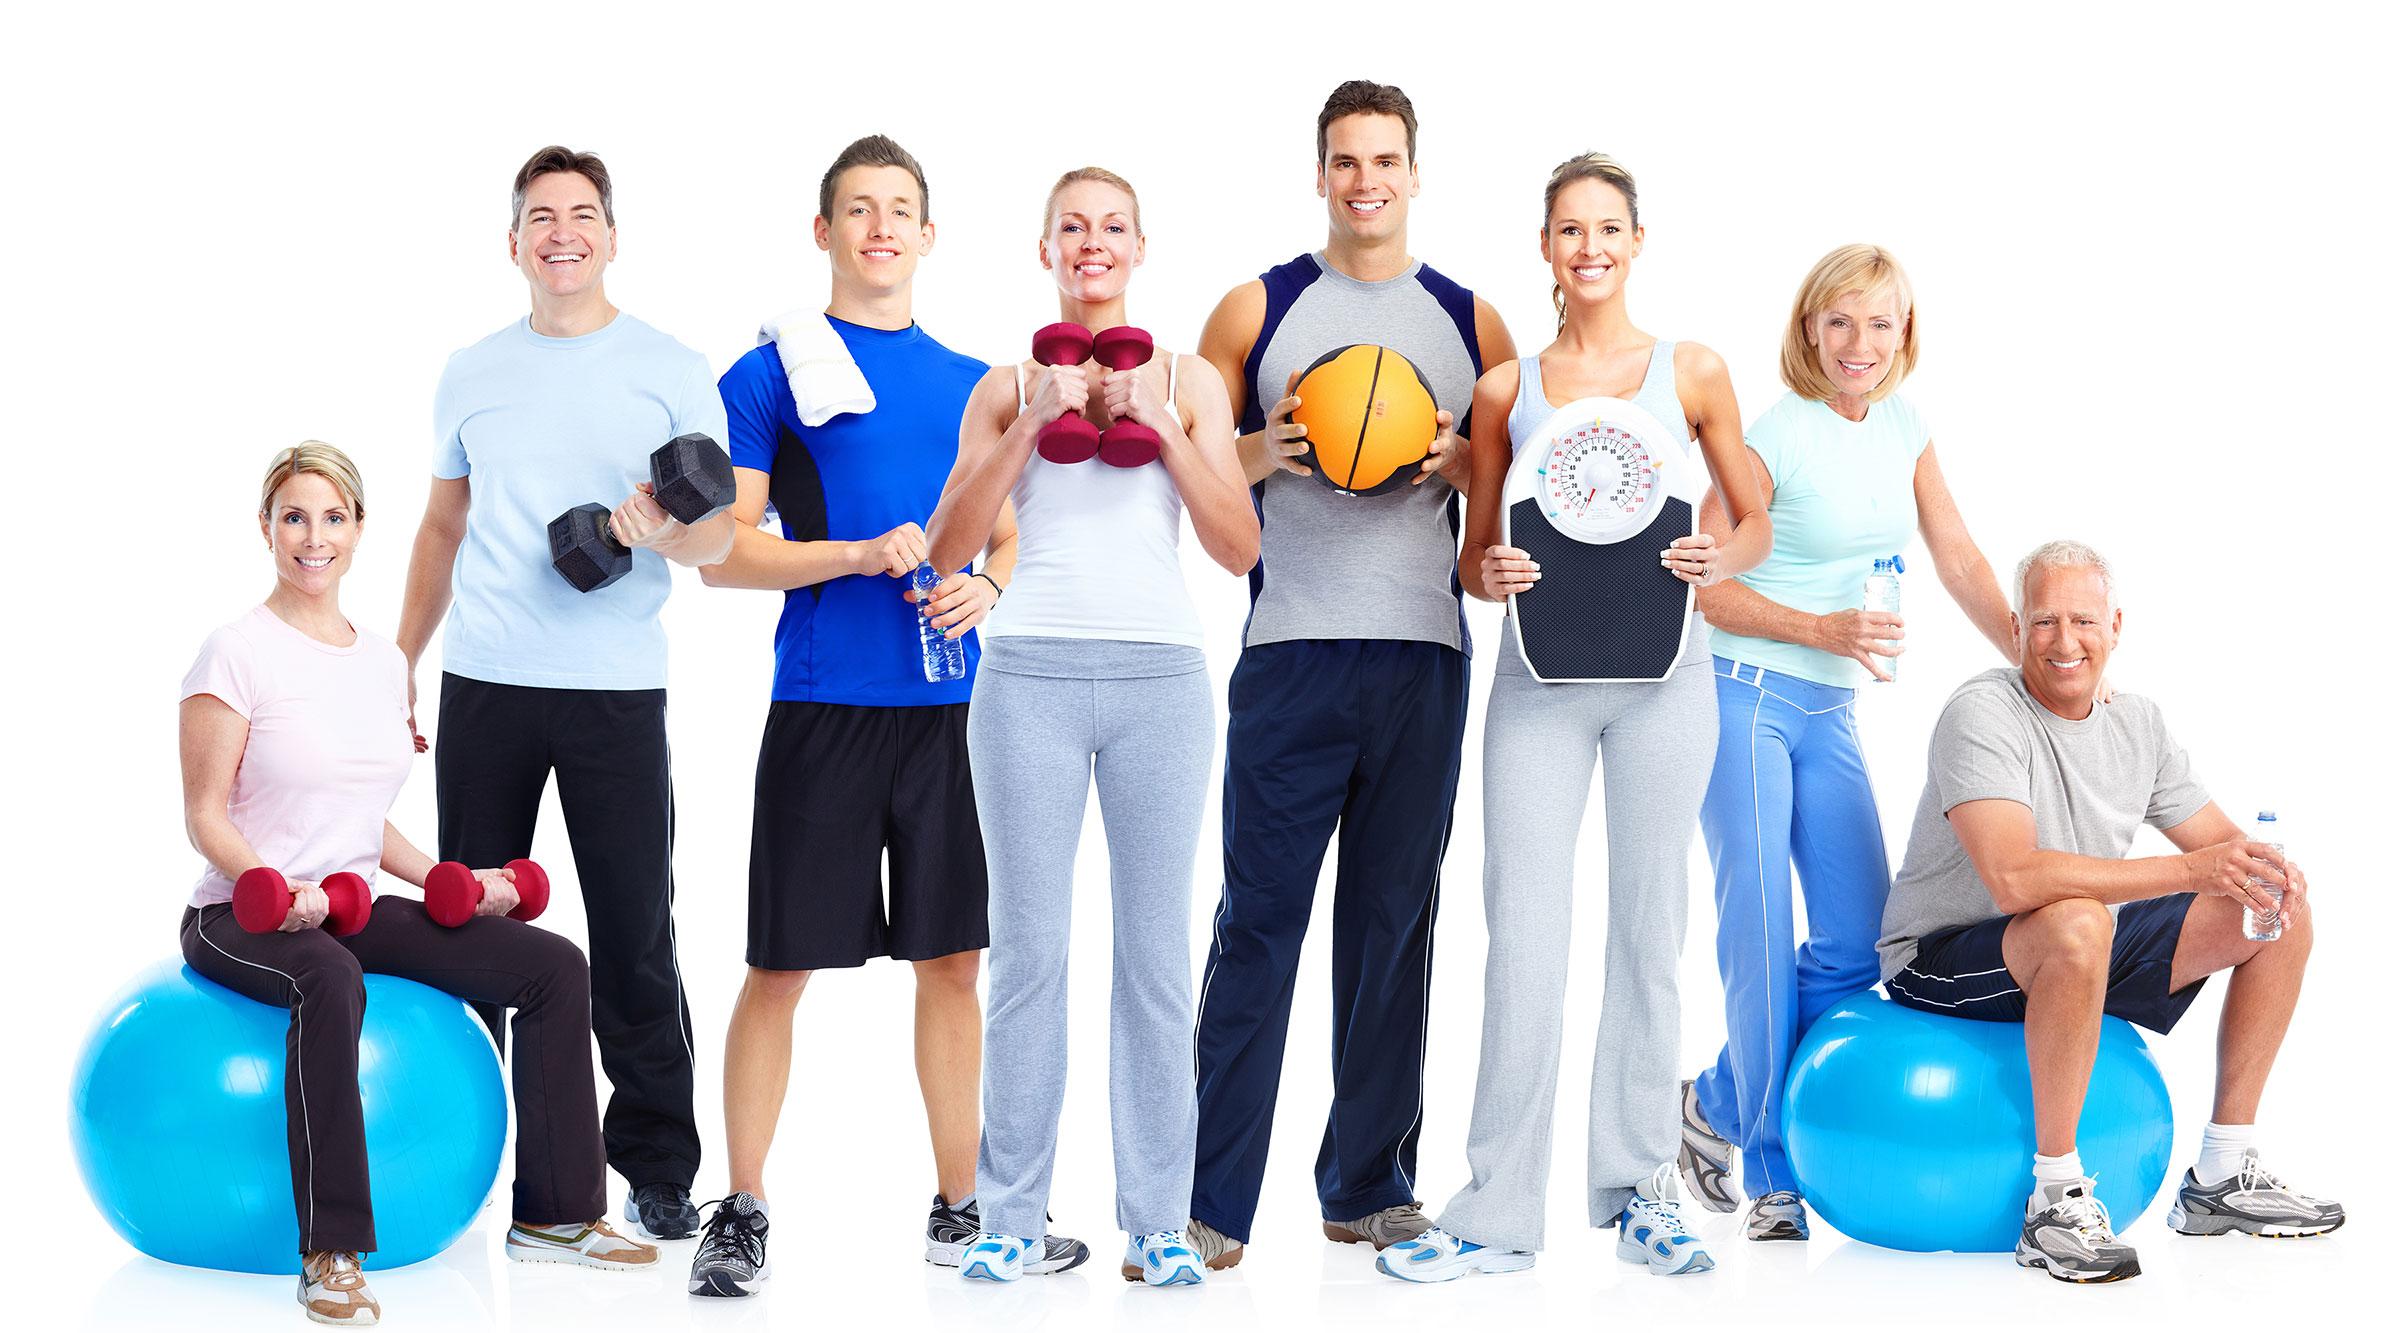 Sporla Yenilebilen Hastalıklar